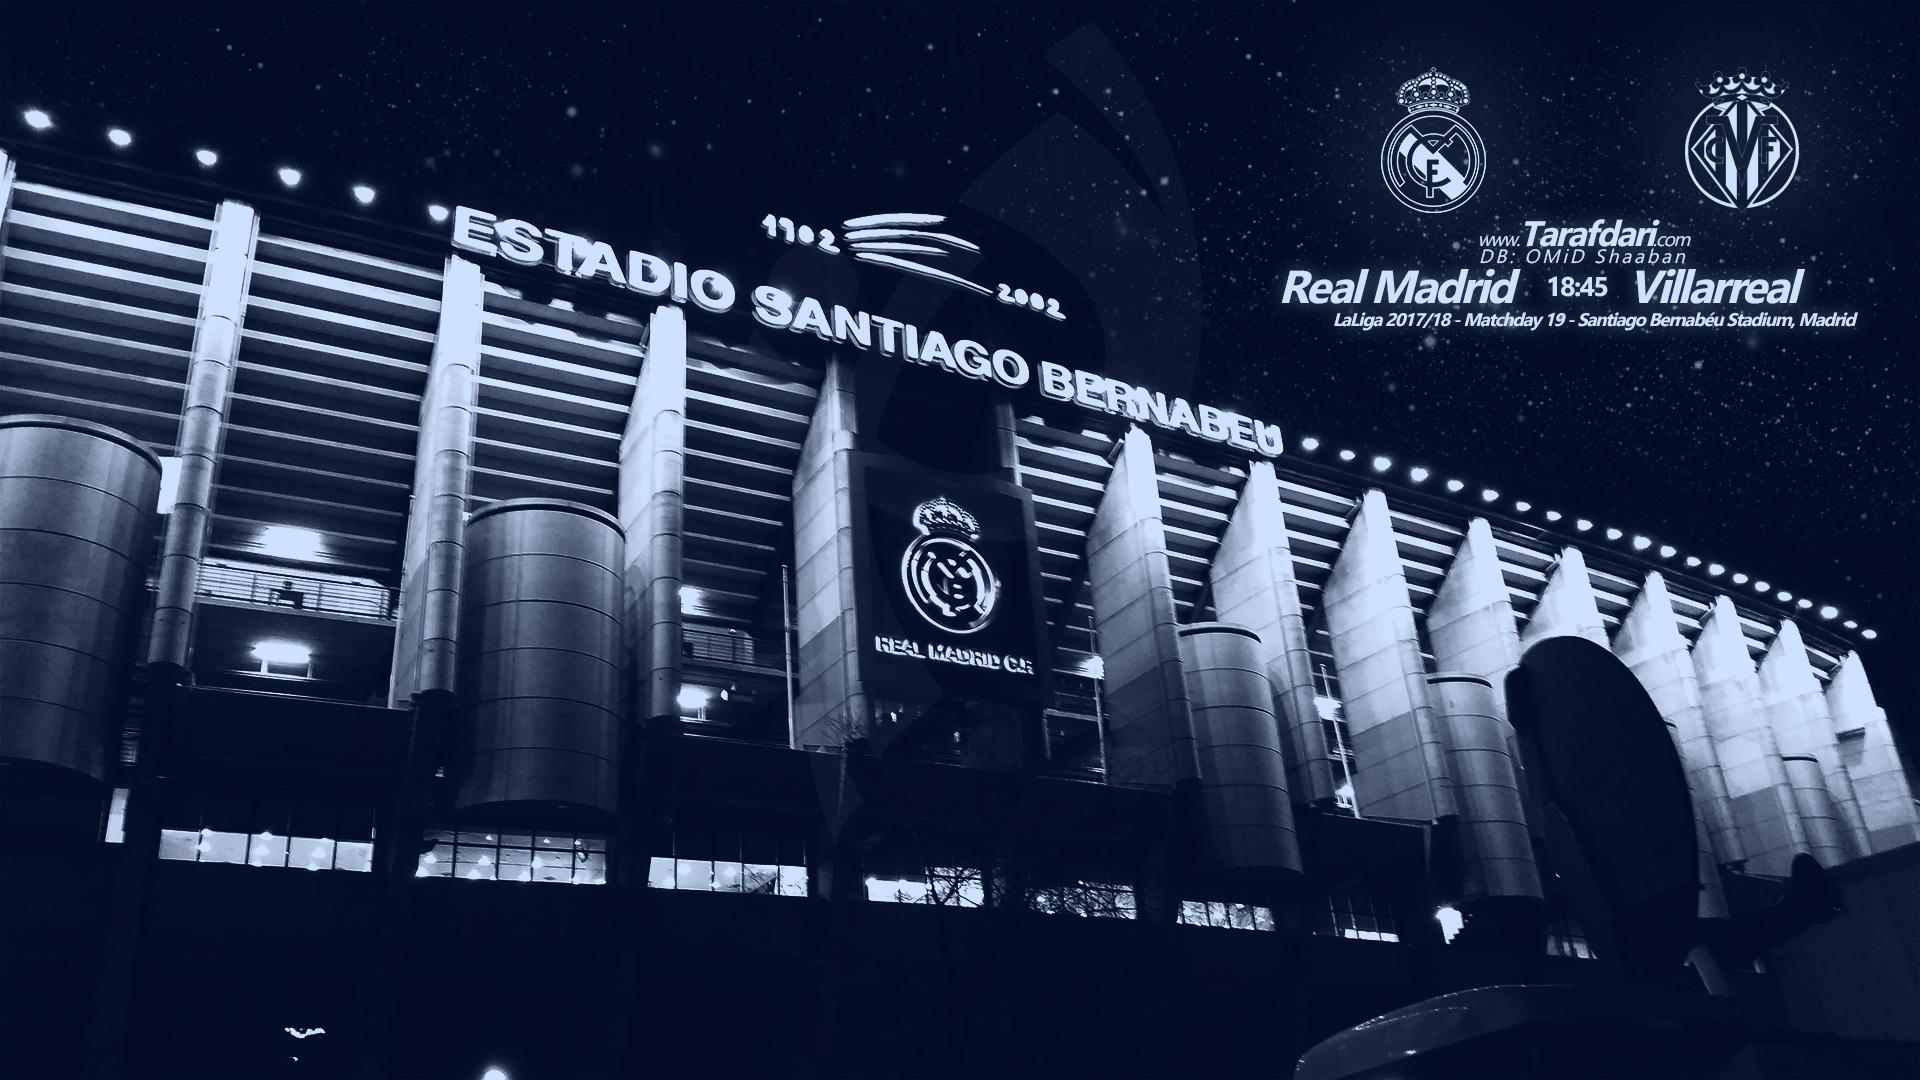 رئال مادرید و ویارئال-هفته نوزدهم-لالیگا اسپانیا-ورزشگاه سانتیاگو برنابئو-شهر مادرید